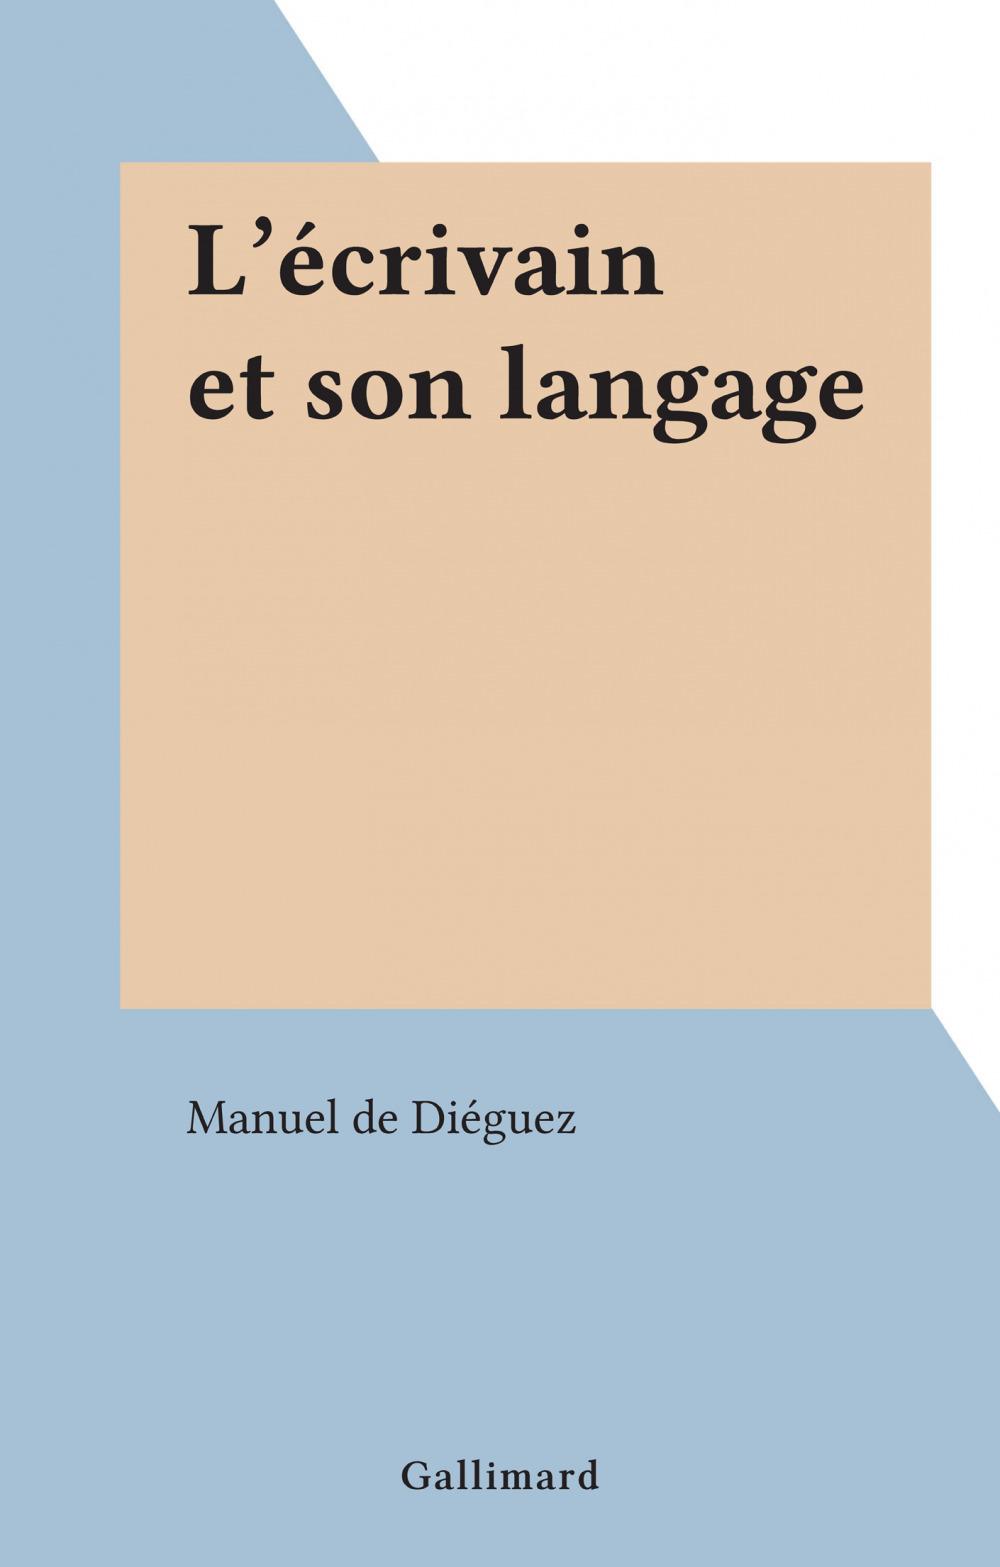 L'écrivain et son langage